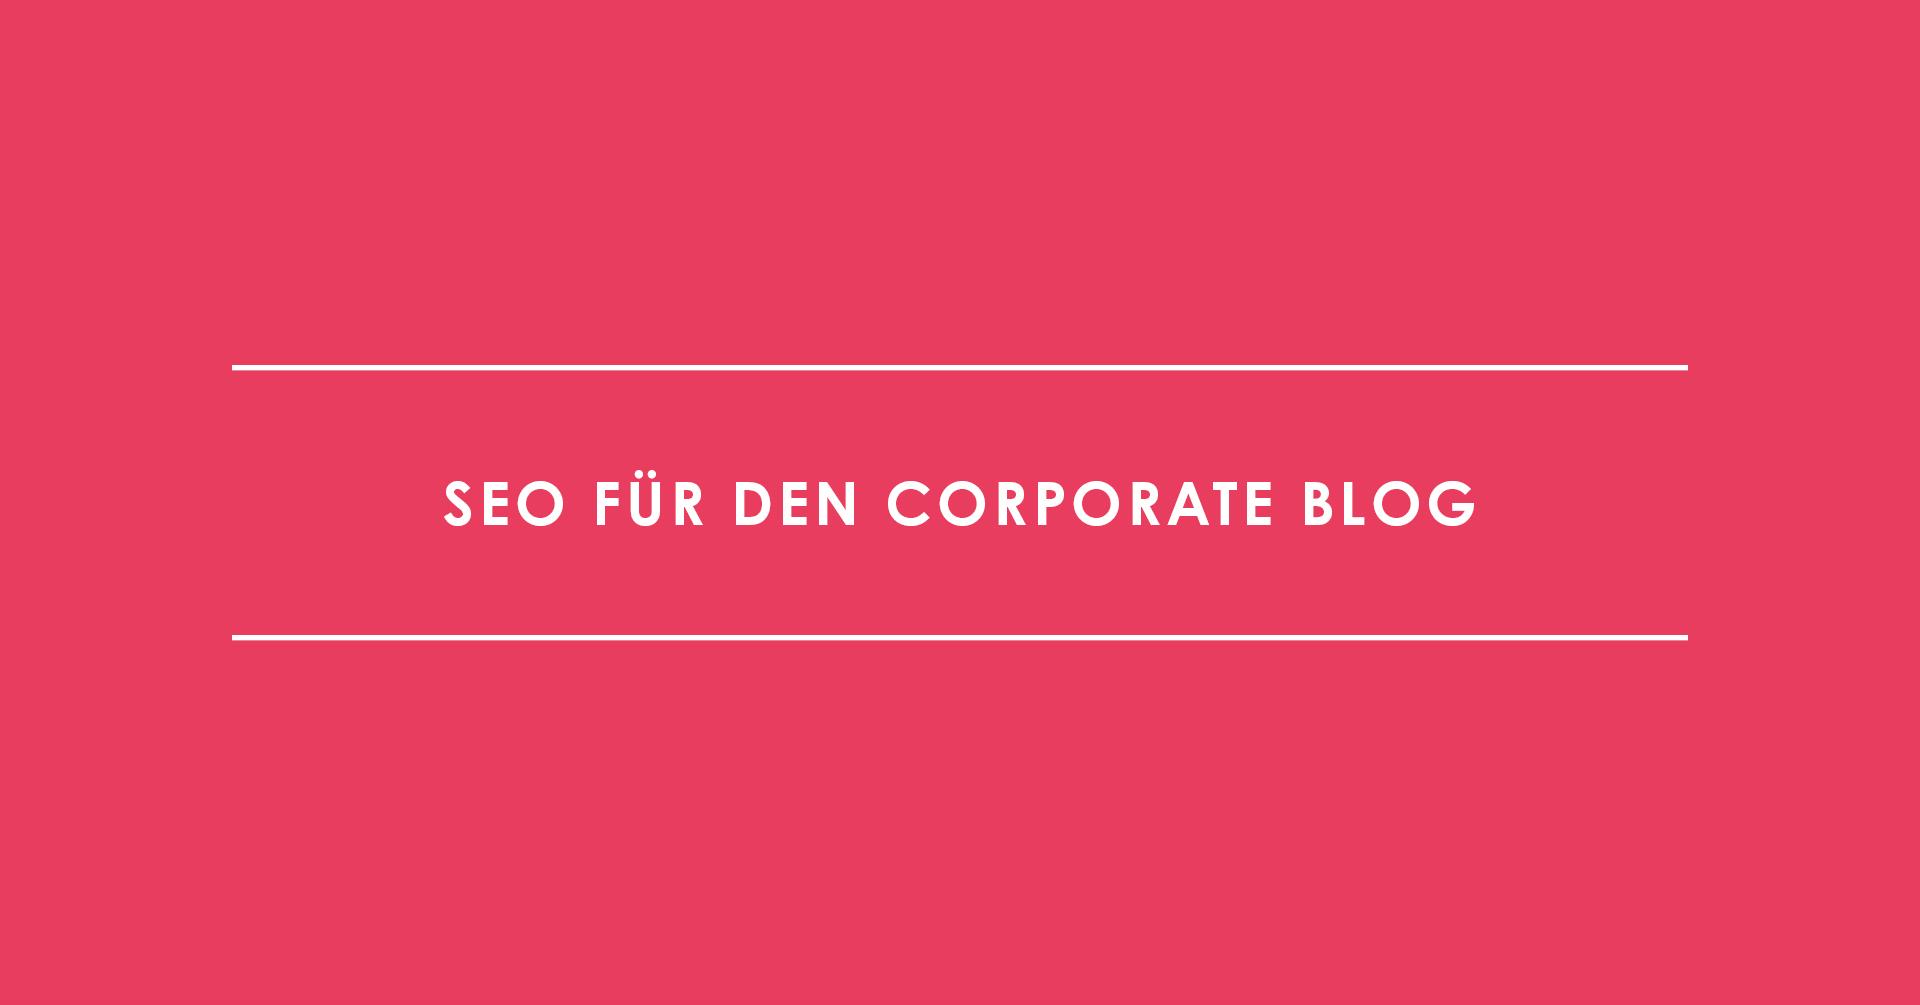 SEO für den Corporate Blog